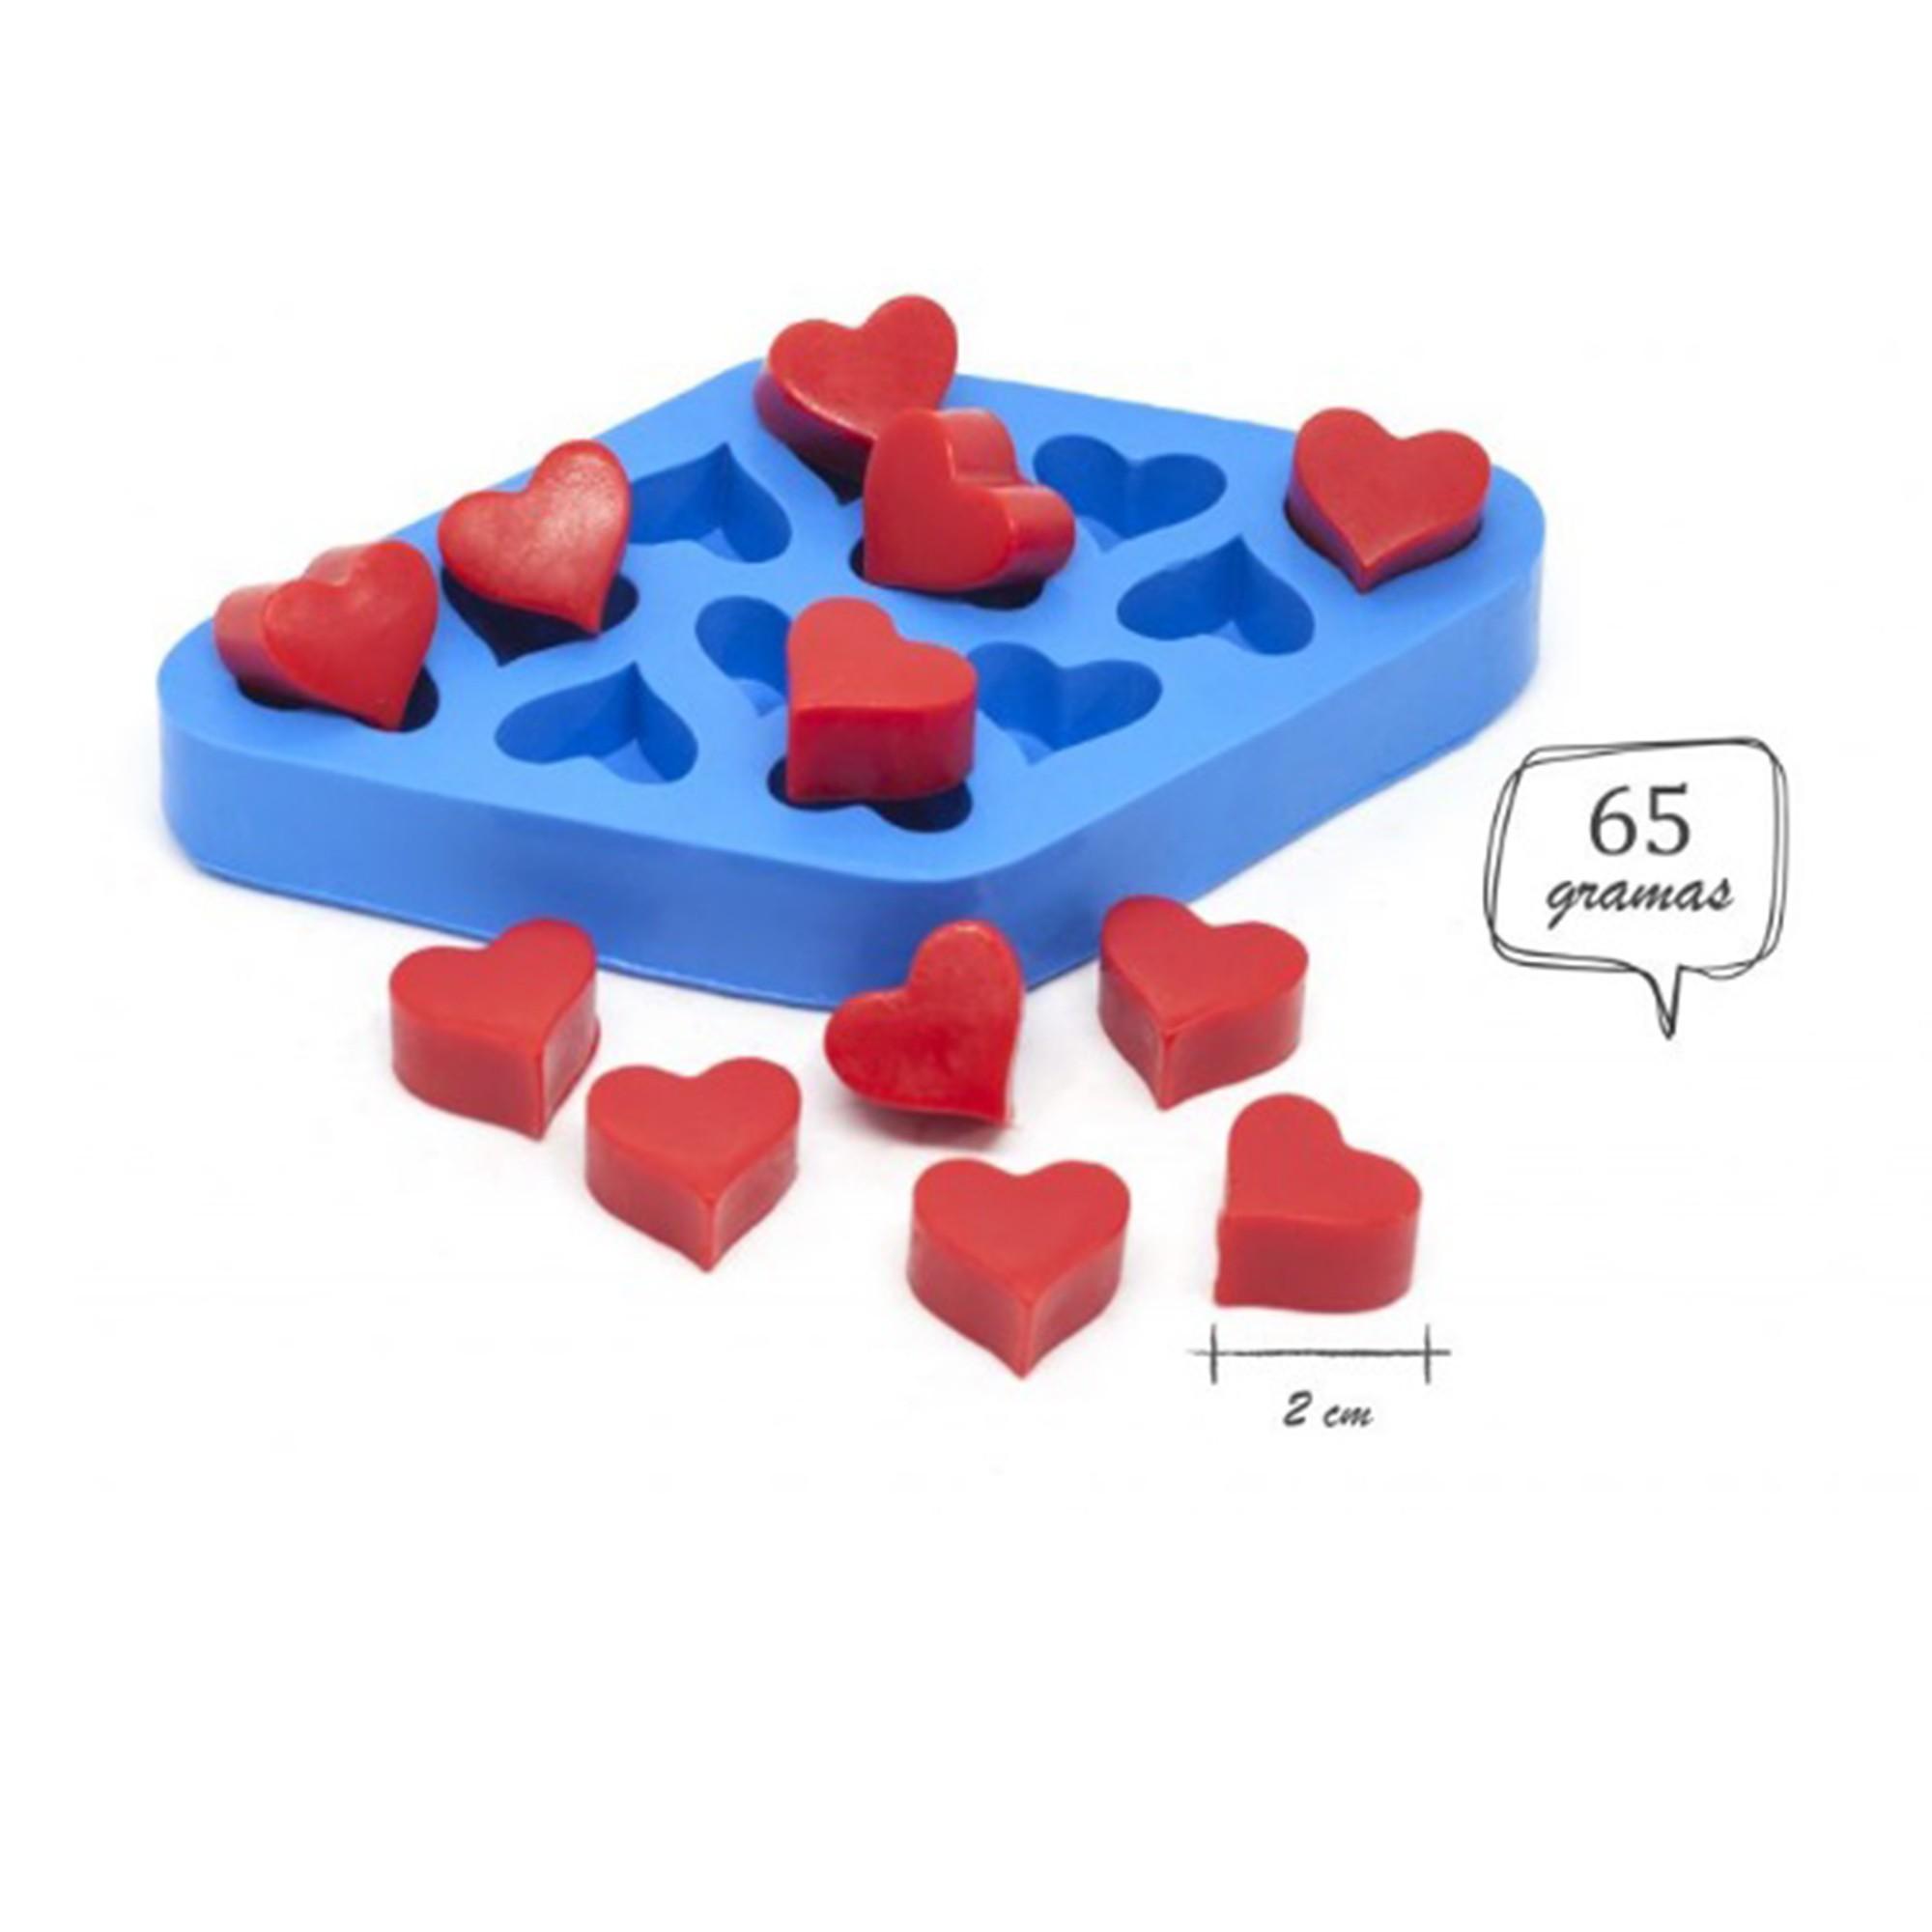 Molde de silicone de coração 12 cavidades